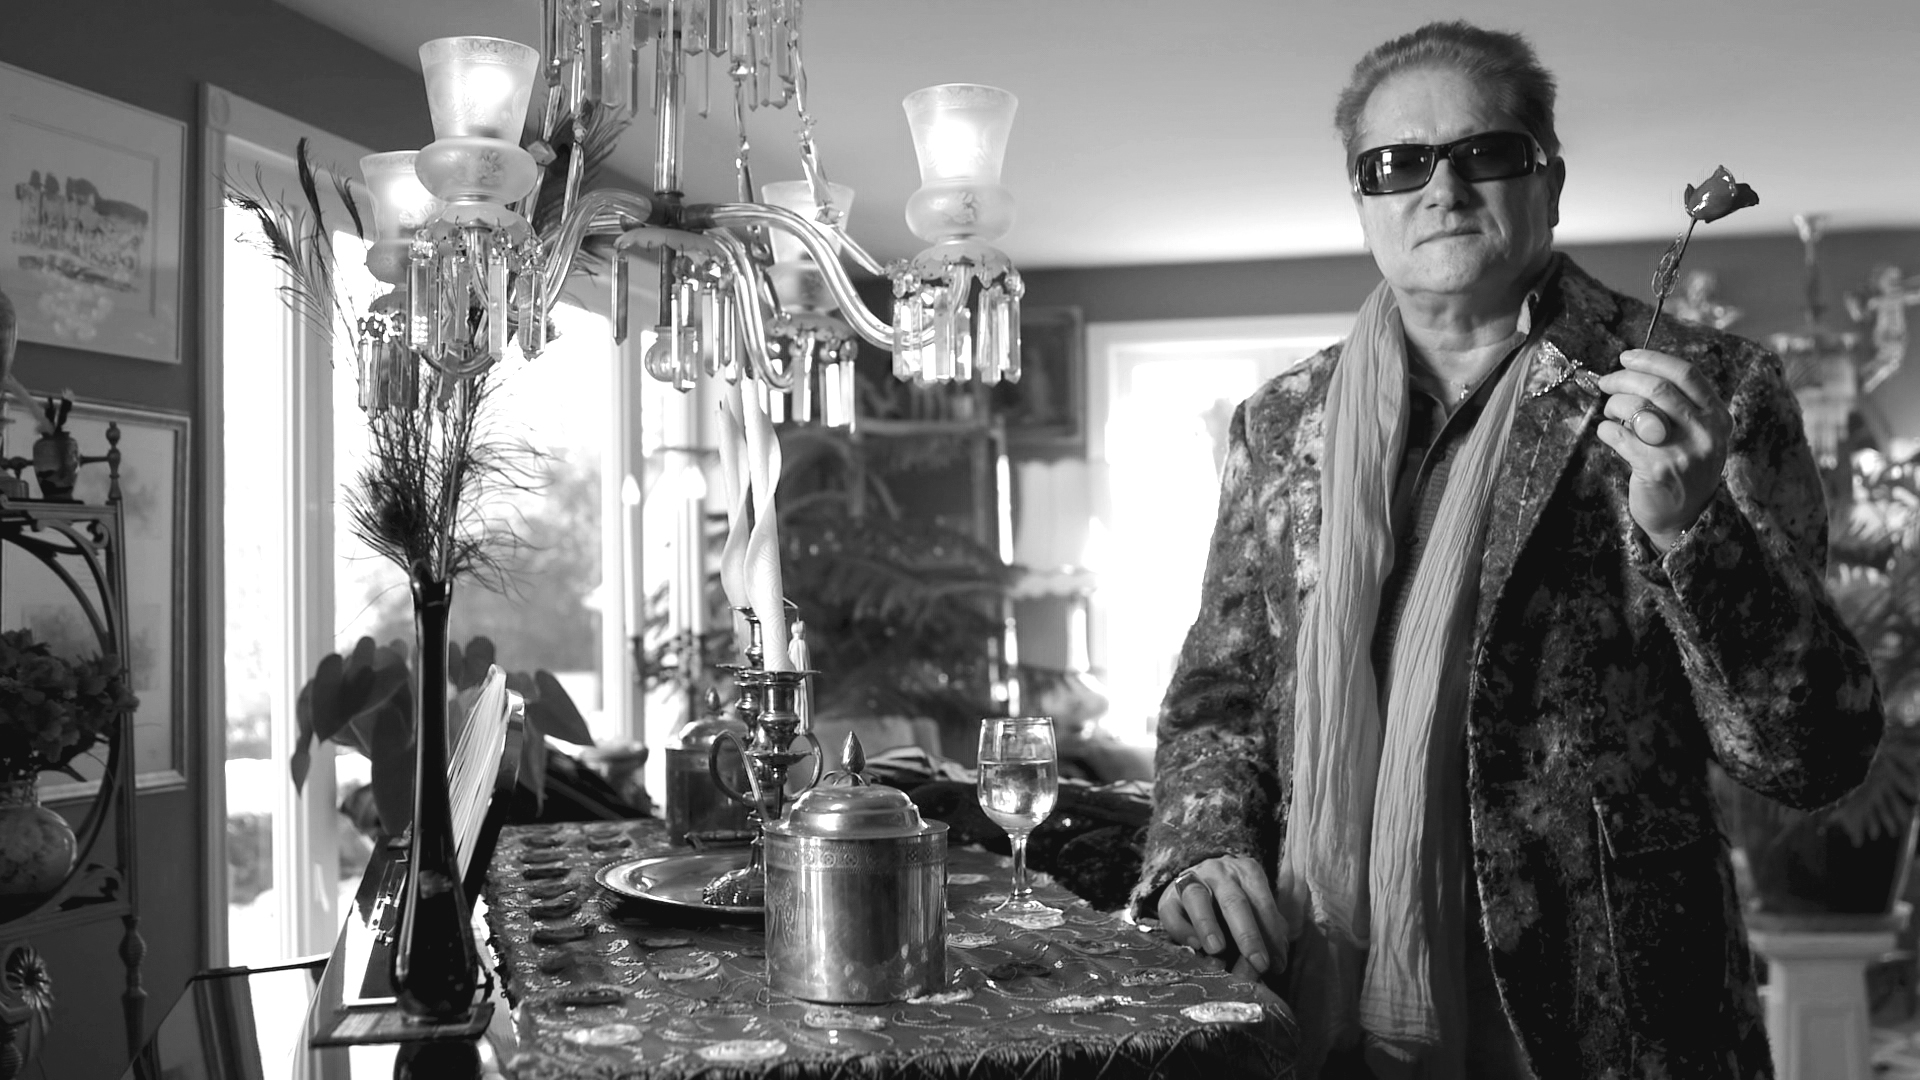 Président d'honneur du festival, le poète Jean-Paul Daoust fera partie de la Nuit de la Poésie, le 21 mars. PHOTO La Fabrique culturelle de Télé-Québec